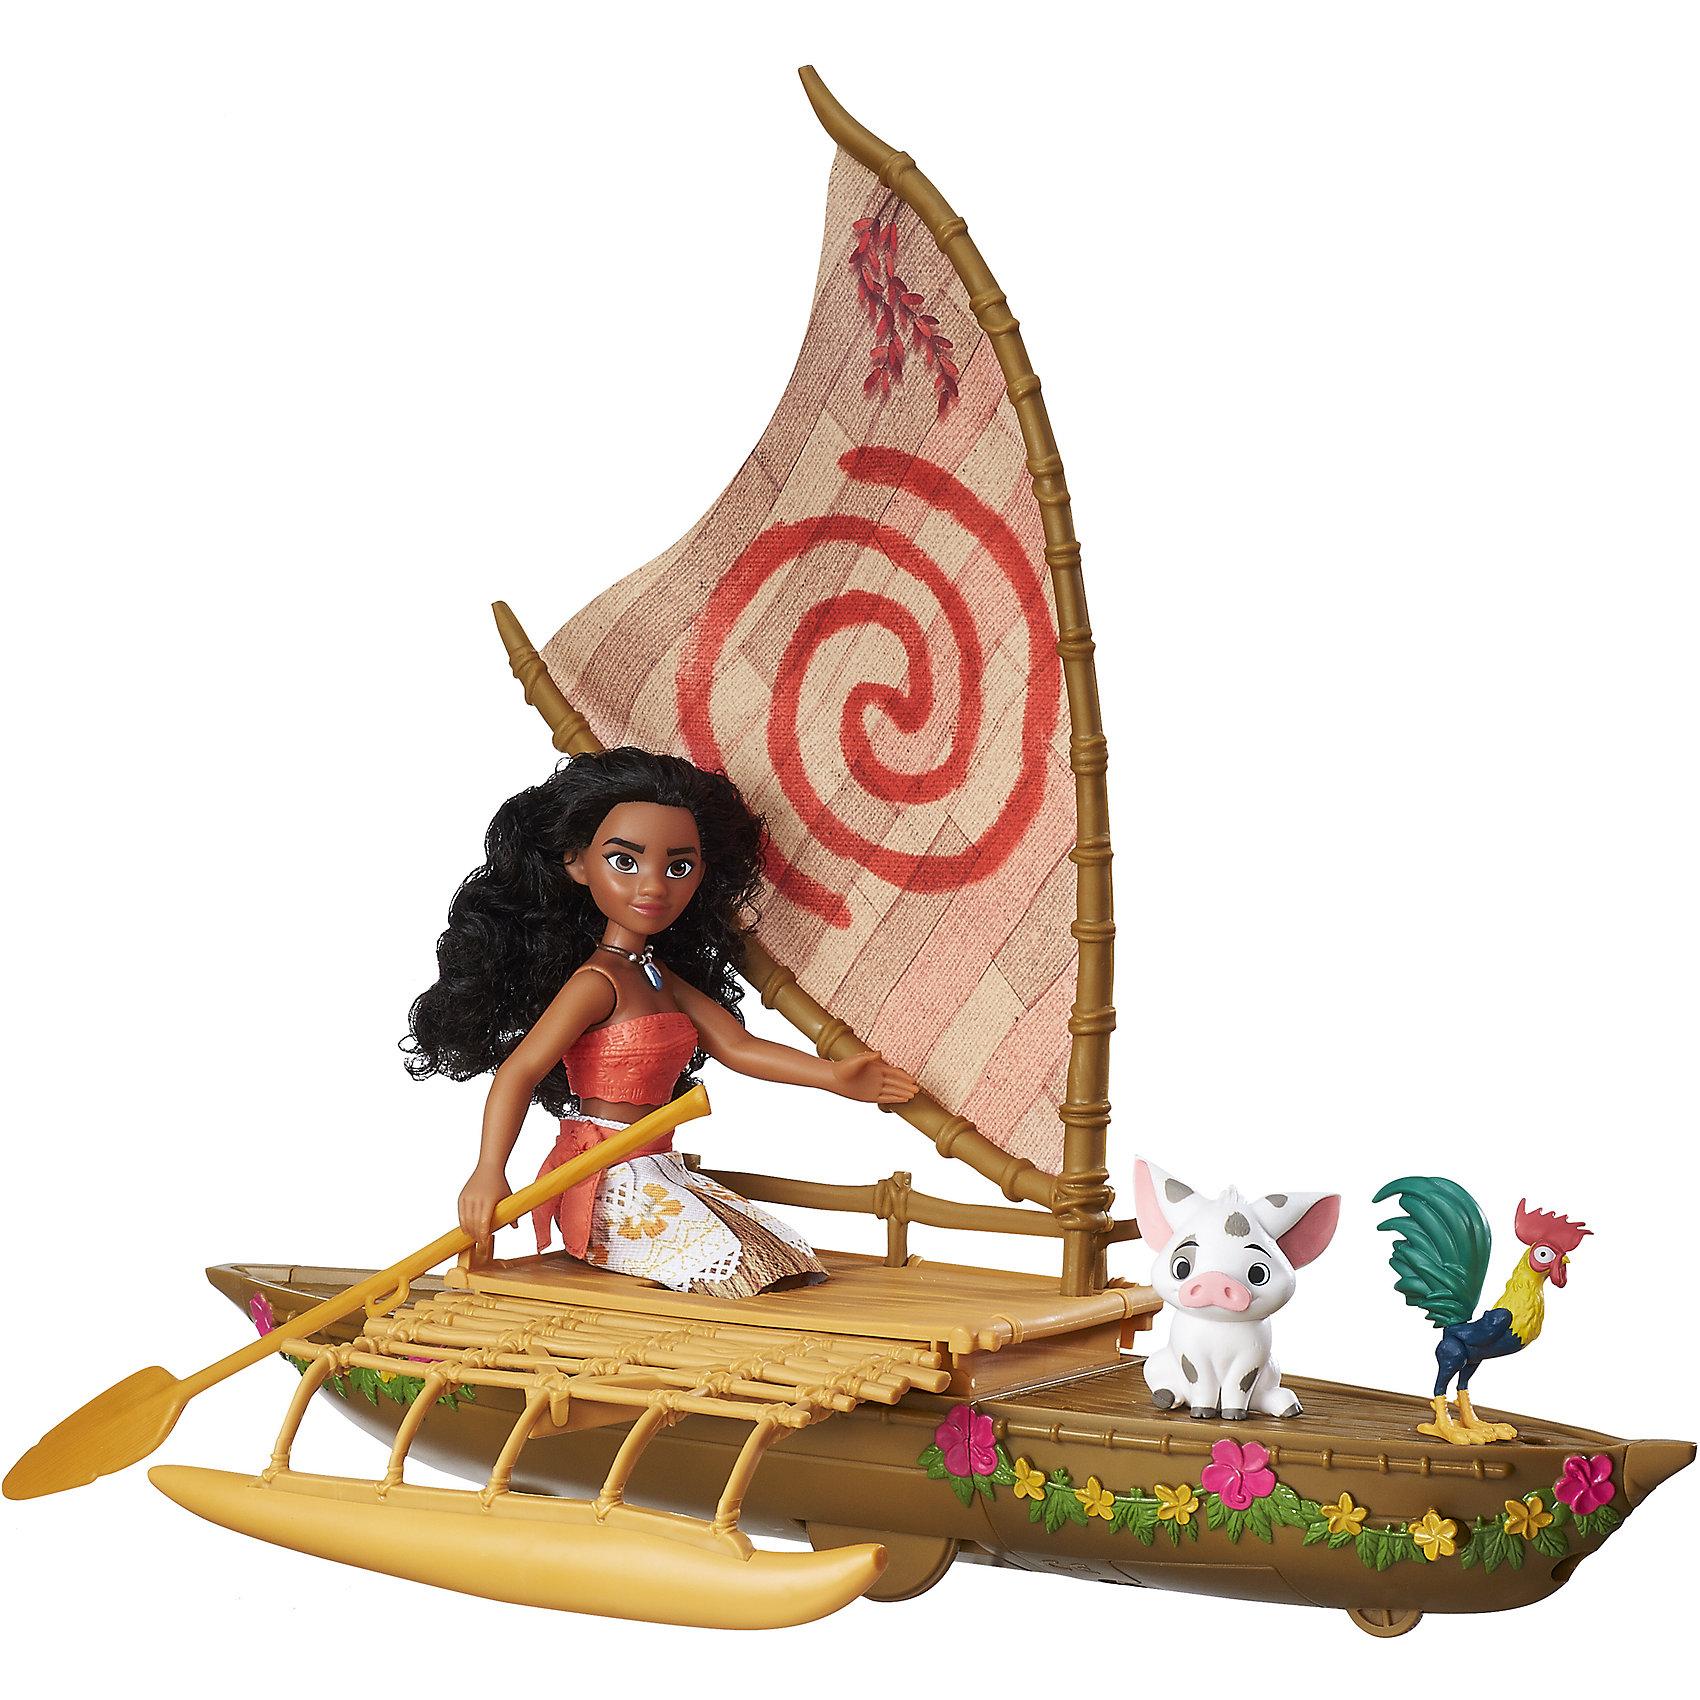 Кукла Моана и лодкаВ набор входит лодка в точности как в фильме, на которой Моана отправляется в путешествие со своими друзьями. Когда девочка толкает лодку вперед, она как будто бы качается на волнах. В лодке есть механизм, который проецирует изображение звездного неба на поверхности впереди лодки. Моана и Мауи отправляются в приключения вместе, а Пуа и Хей Хей качаются на голубых волнах недалеко от них.<br><br>Ширина мм: 81<br>Глубина мм: 508<br>Высота мм: 381<br>Вес г: 1388<br>Возраст от месяцев: 36<br>Возраст до месяцев: 144<br>Пол: Женский<br>Возраст: Детский<br>SKU: 5205215